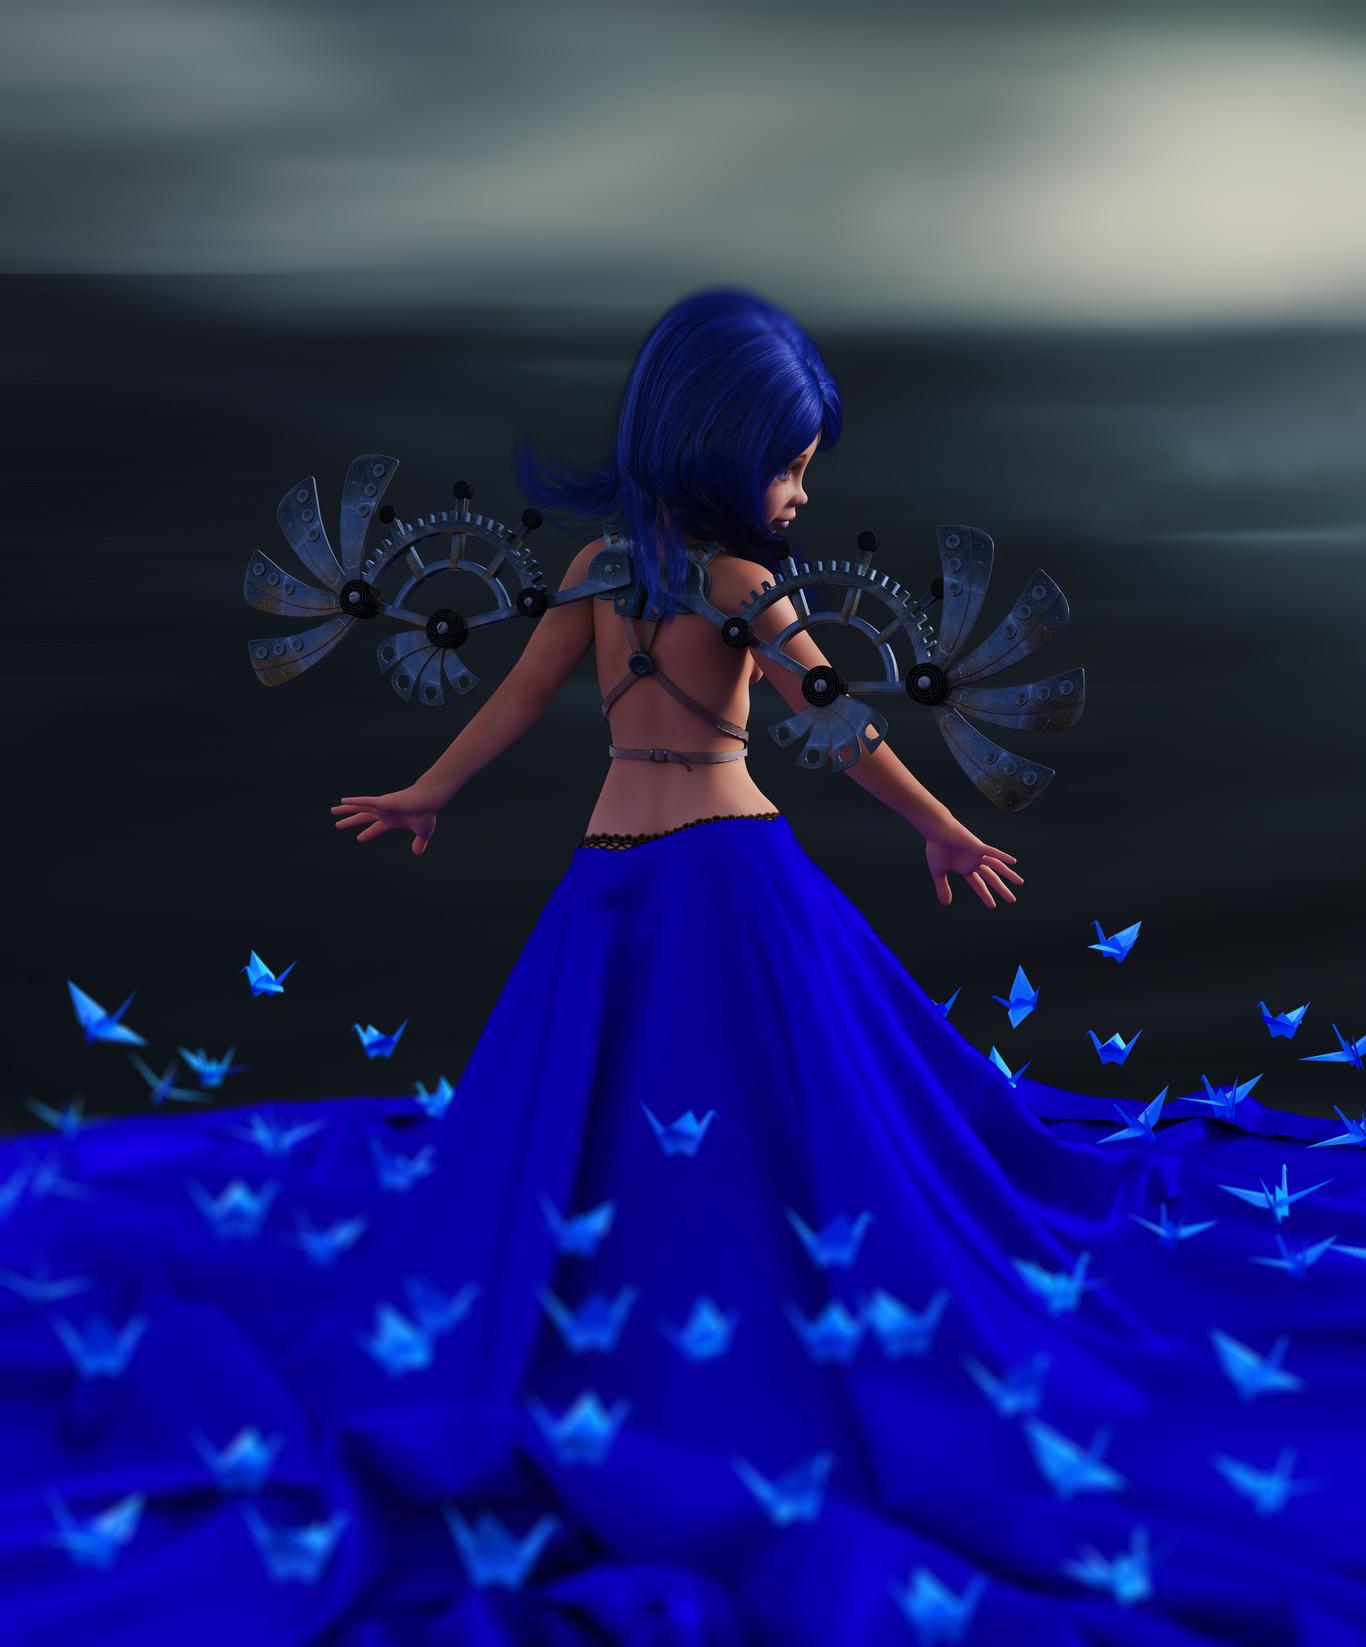 Jsgknight blue jay 1 00e01773 mdl6